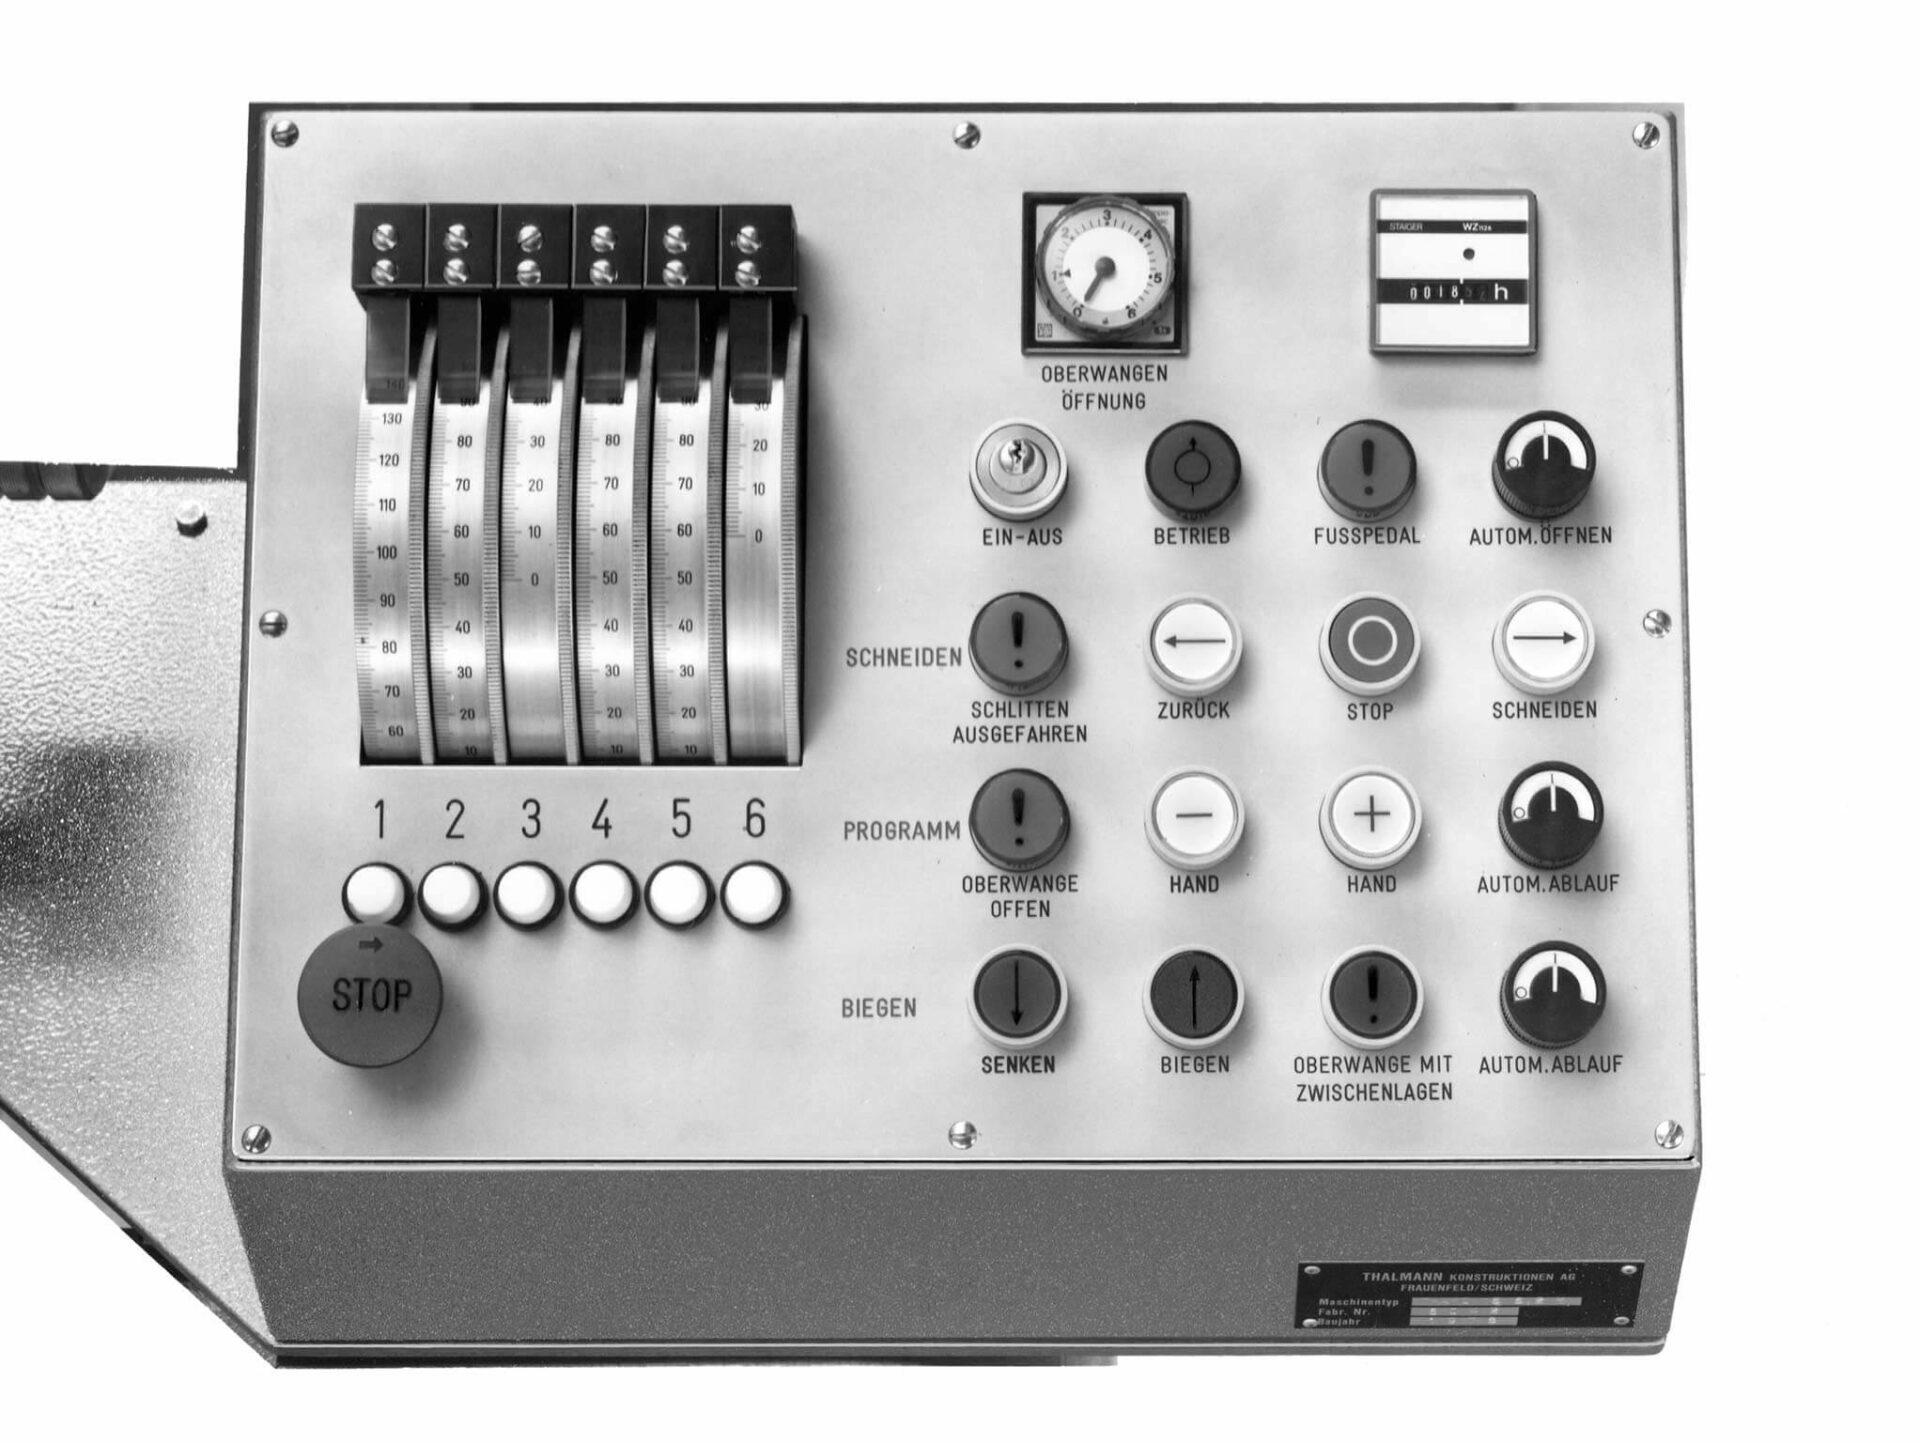 STEUERUNGSEINHEIT DER THAKO AUS DEM JAHRE 1978: Schon vor rund 41 Jahren sehr benutzerfreundlich, fortschrittlich und zukunftsweisend.